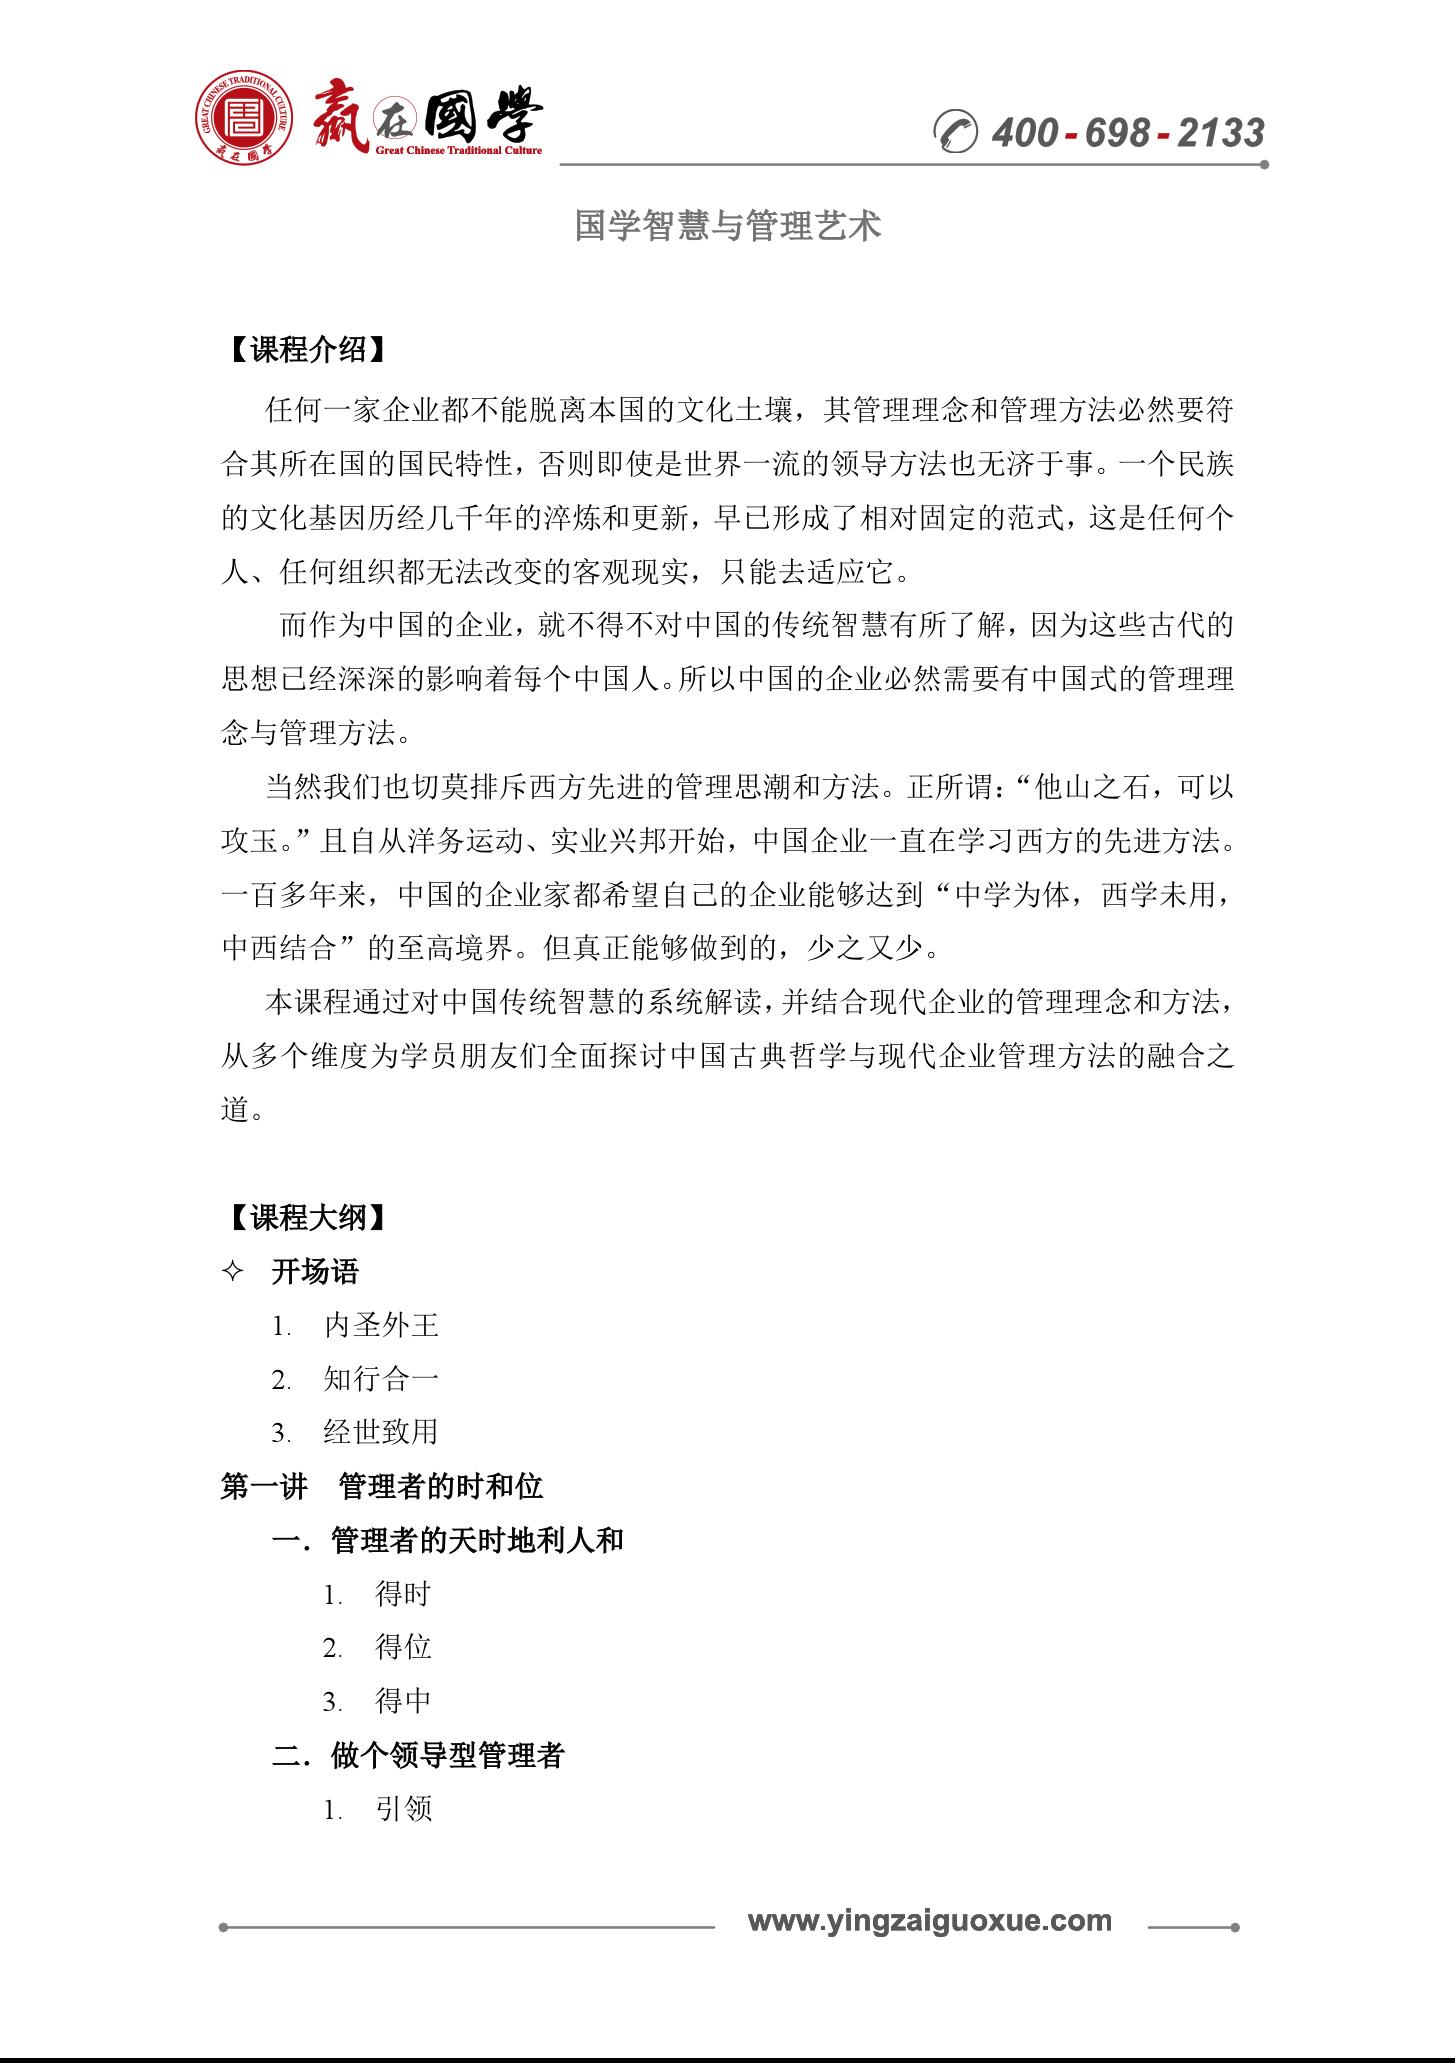 国学智慧与管理艺术(王泽仁老师)